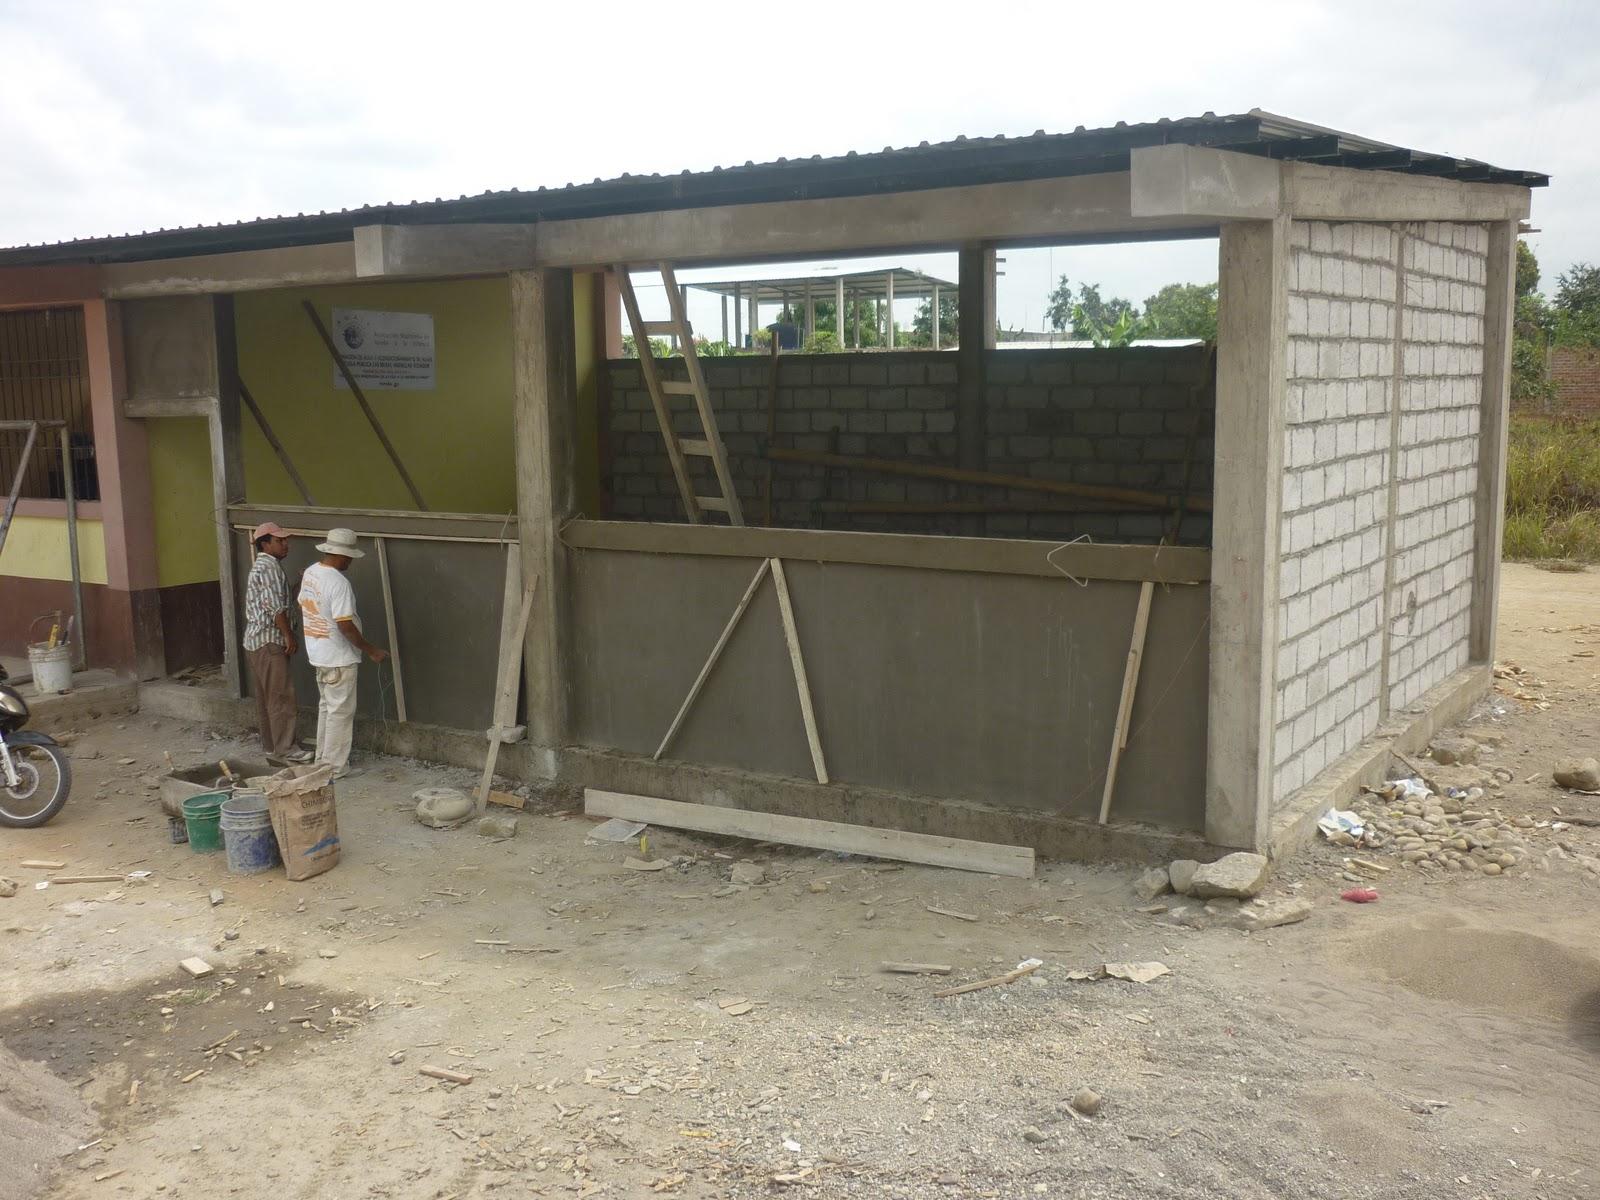 Amaif construcci n del aula en la escuela las brisas for Proyectos de construccion de escuelas